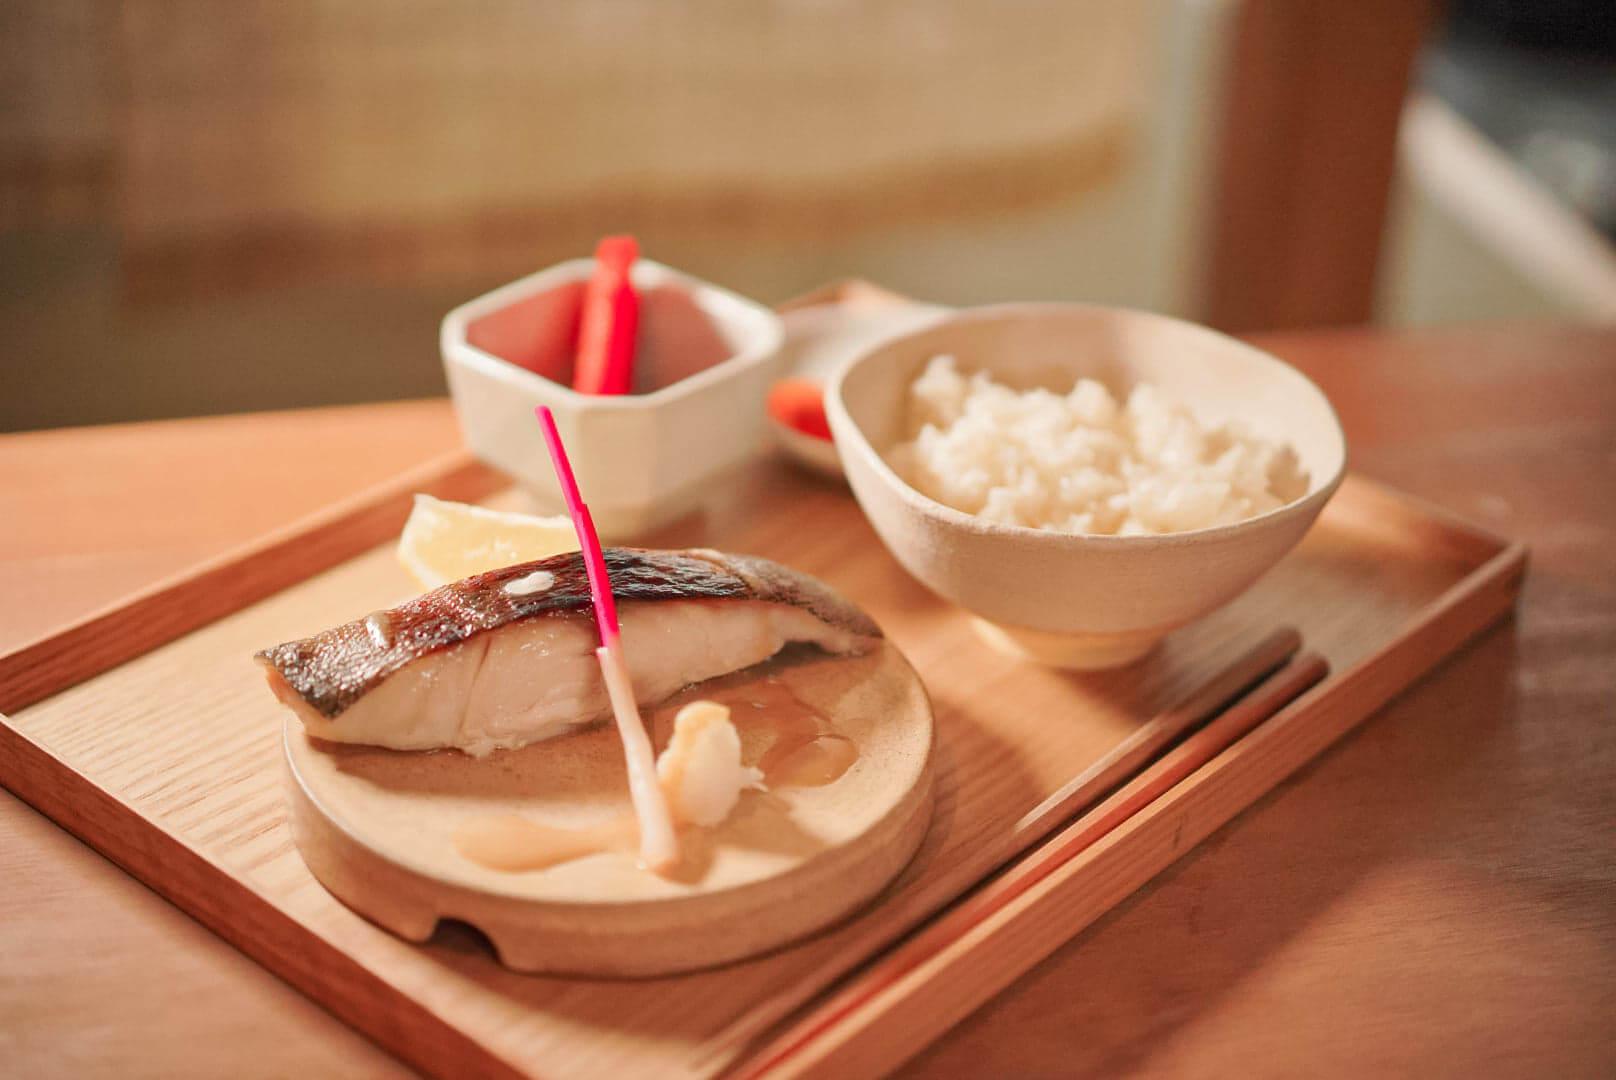 高質嘅烤銀雪魚,唔似出面成日食到般,有陣難受嘅雪味,食材相當新鮮講究。